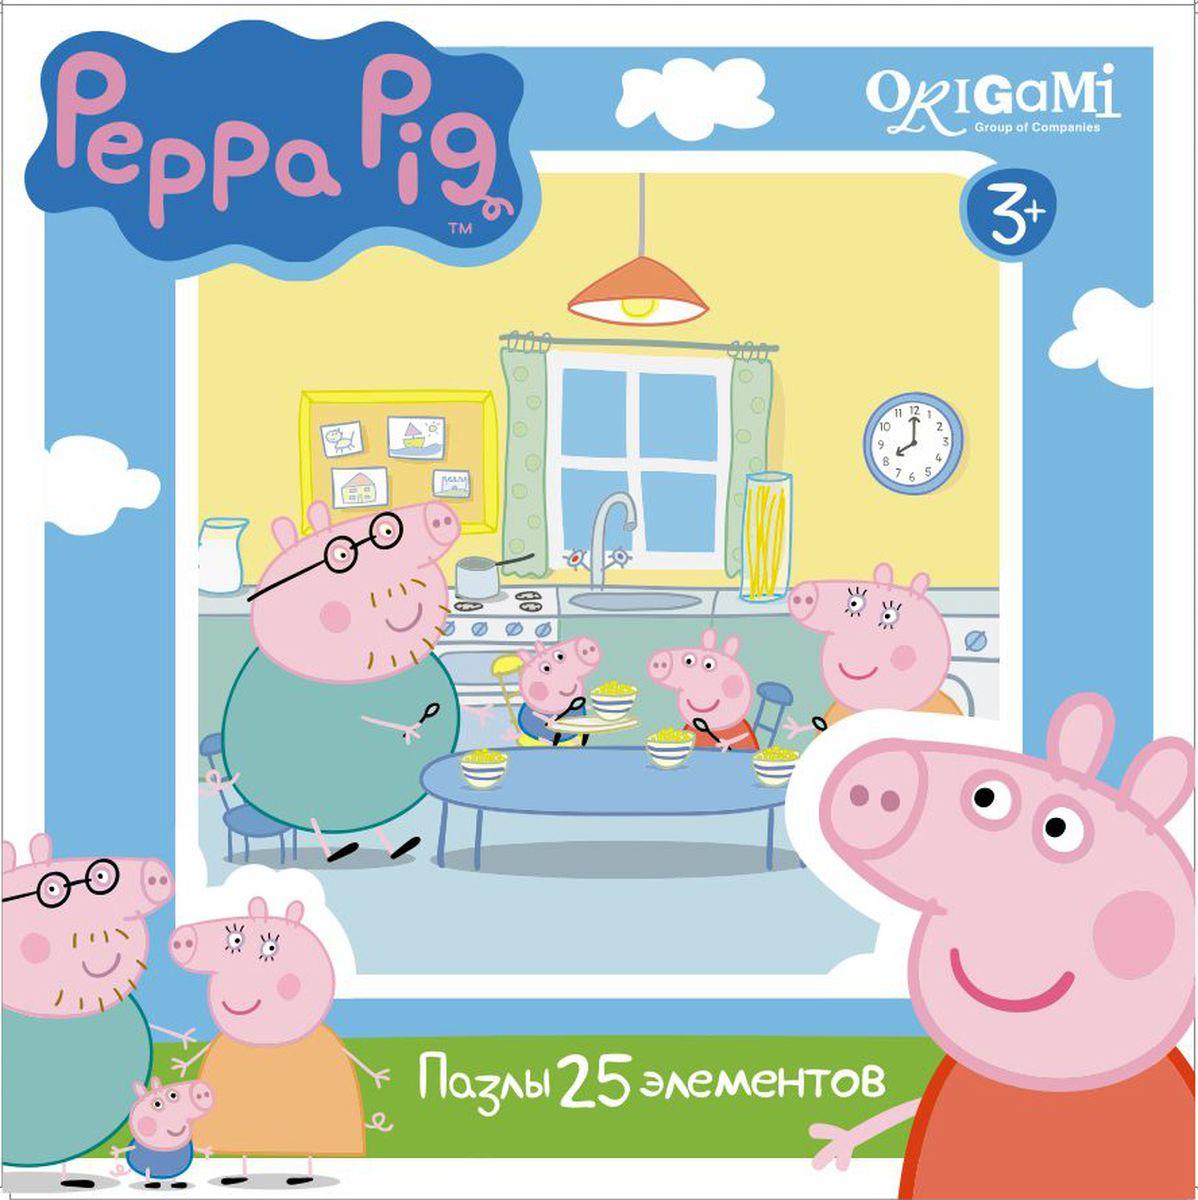 Оригами Пазл для малышей Peppa Pig 01581